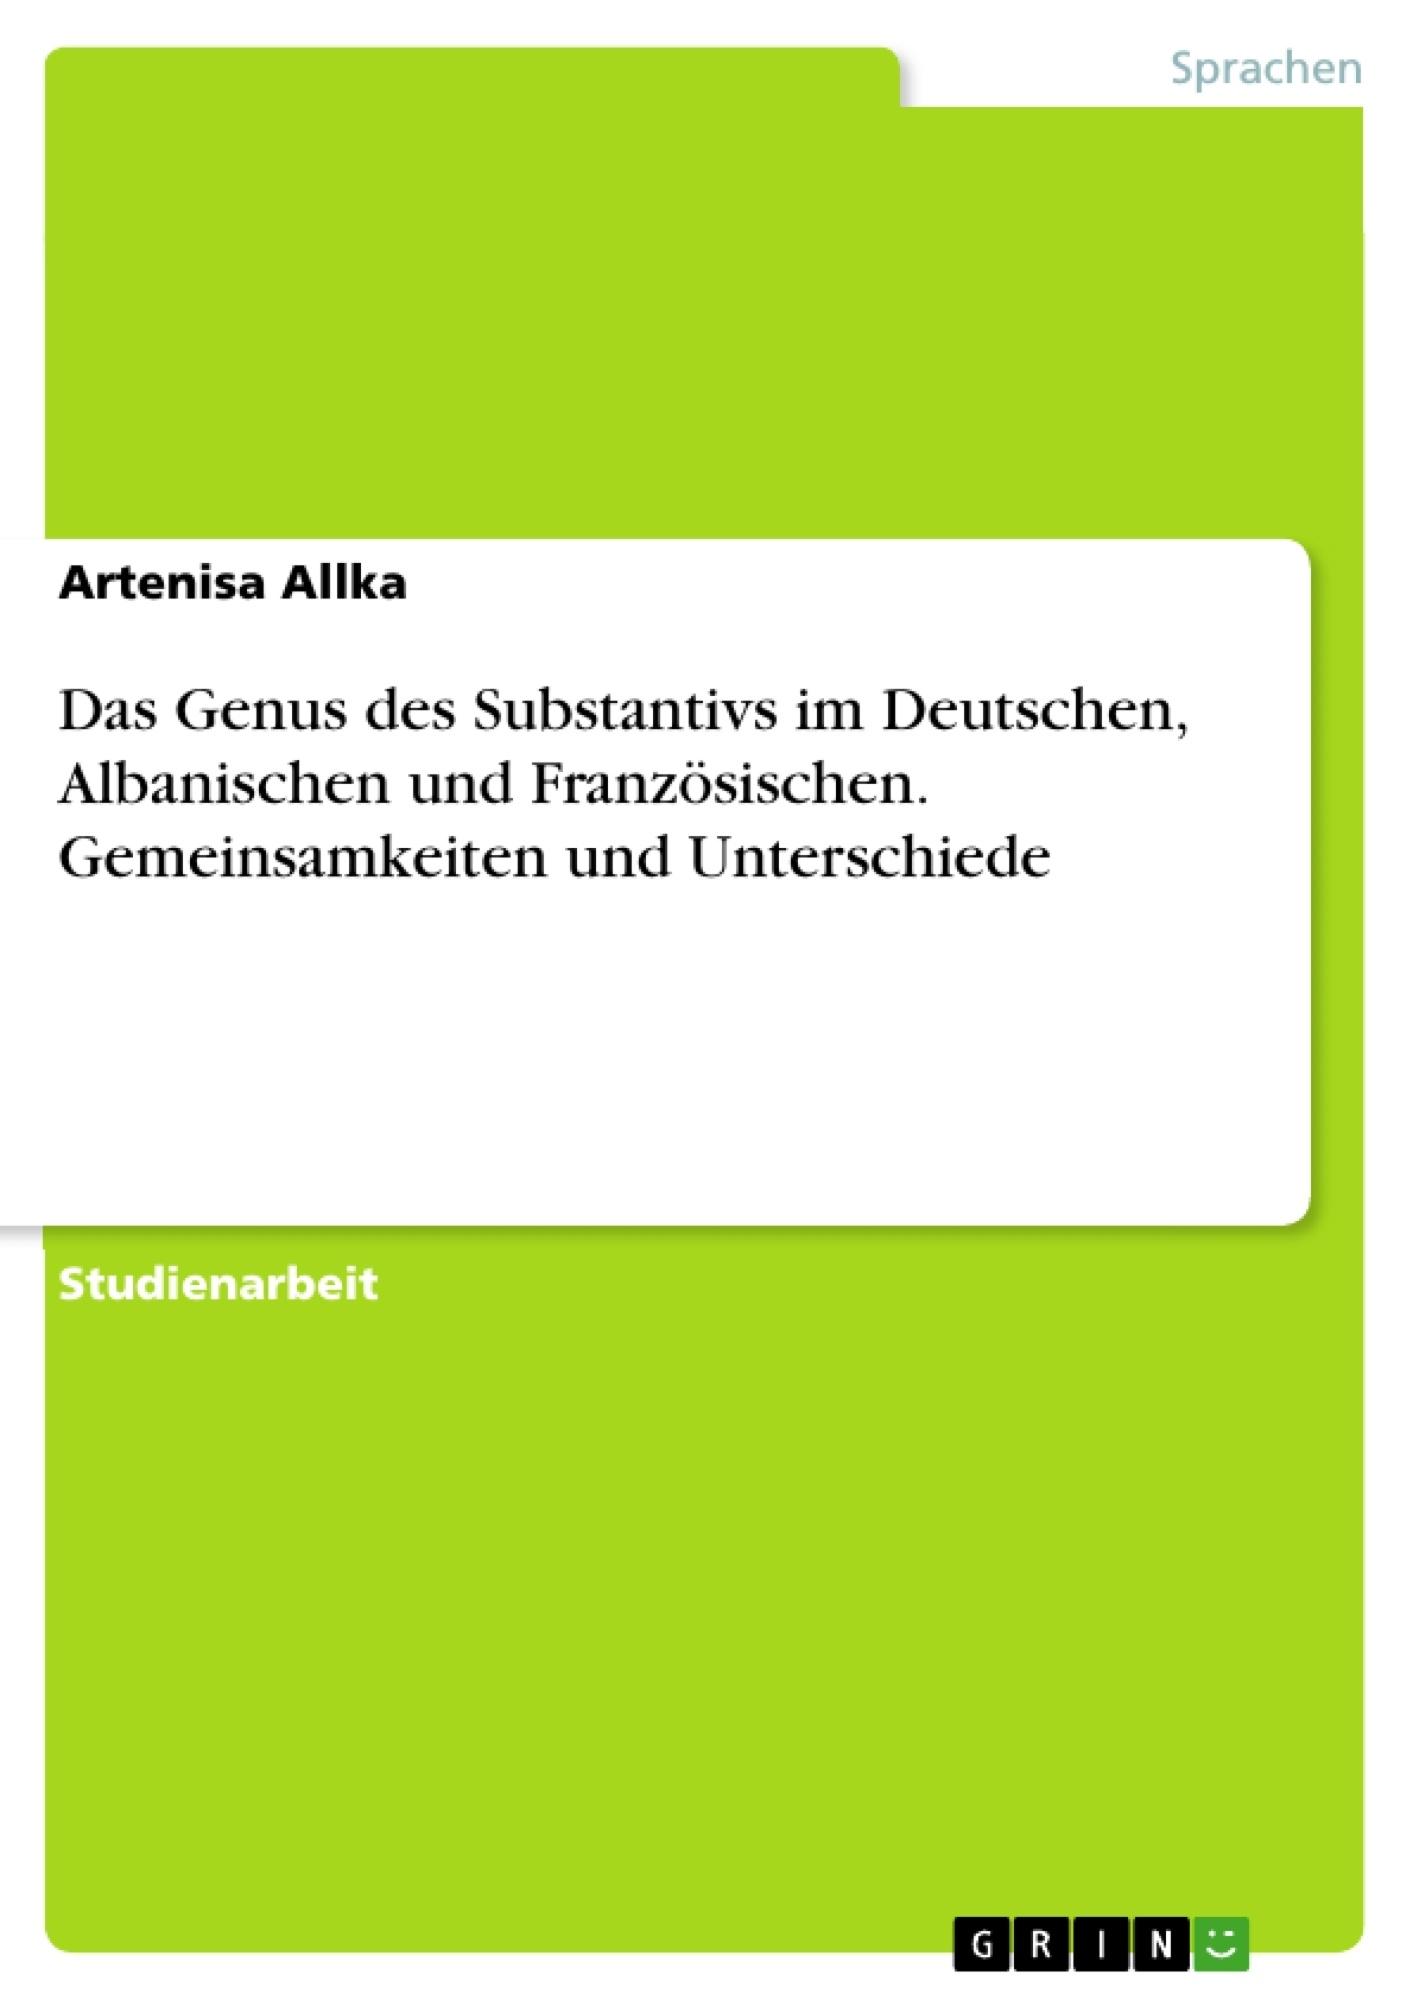 Titel: Das Genus des Substantivs im Deutschen, Albanischen und Französischen. Gemeinsamkeiten und Unterschiede